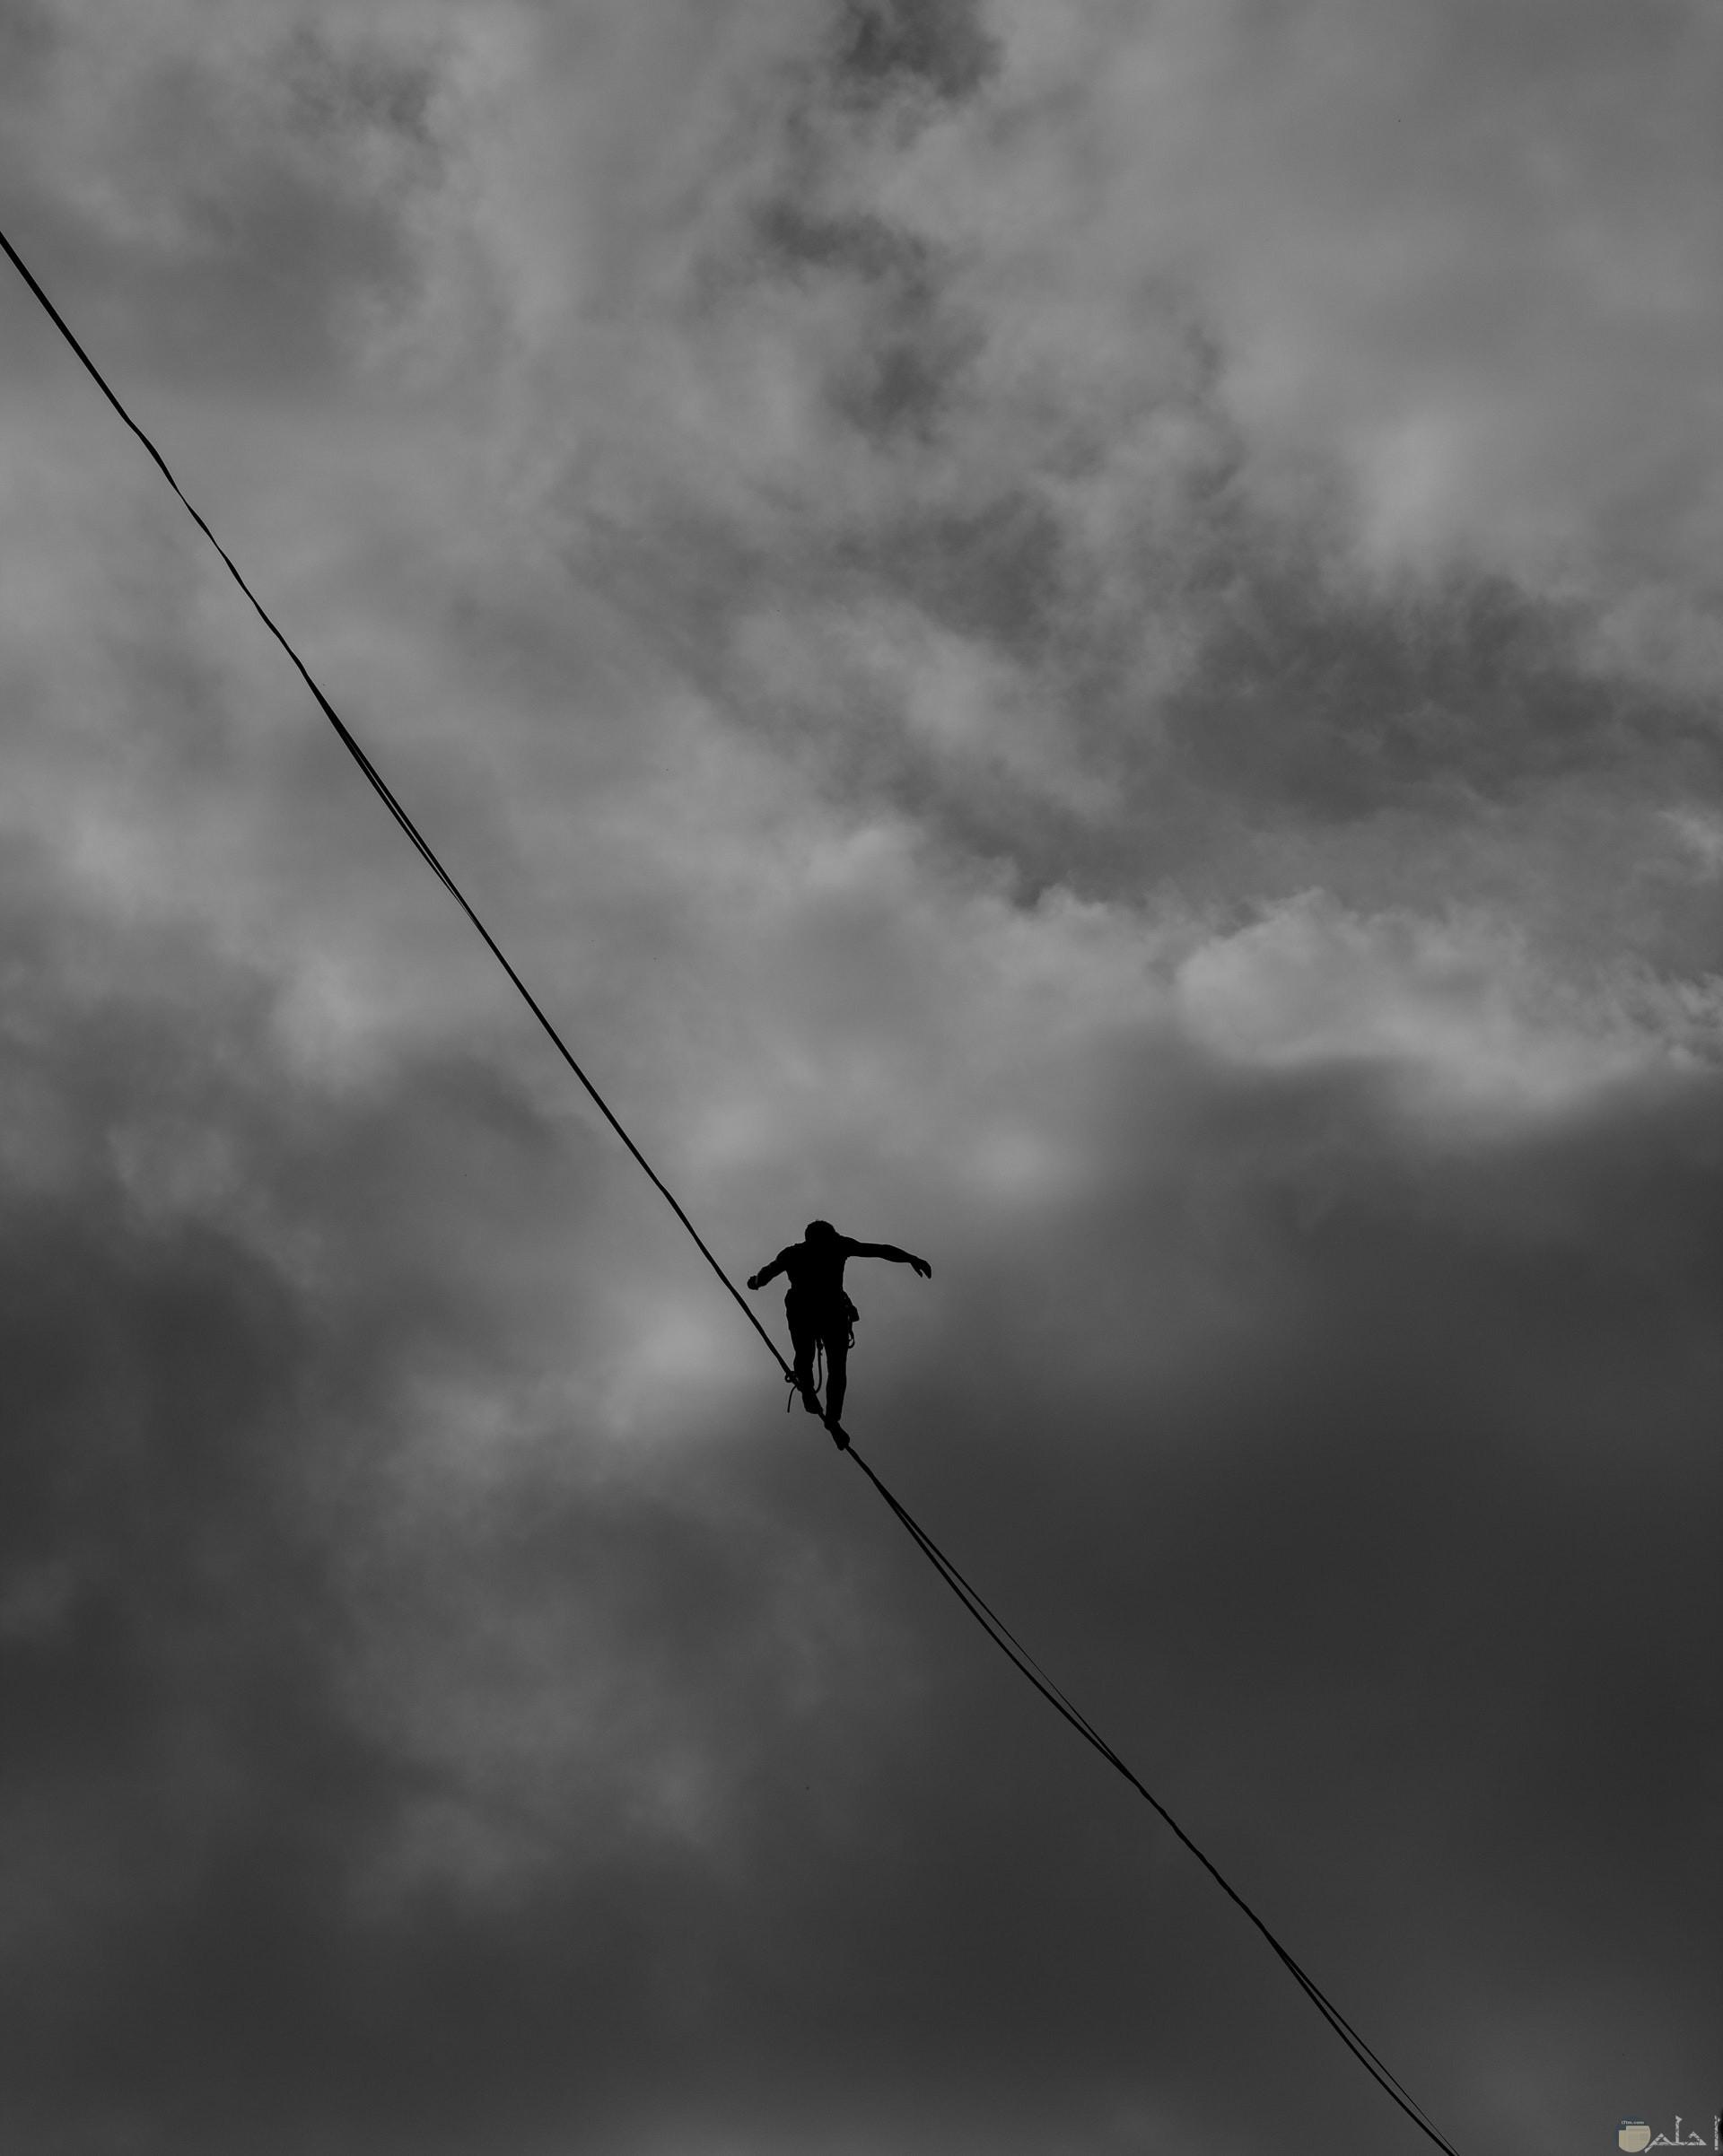 صورة أكشن مميزة لشاب يمشي علي حبل علي إرتفاع عالي